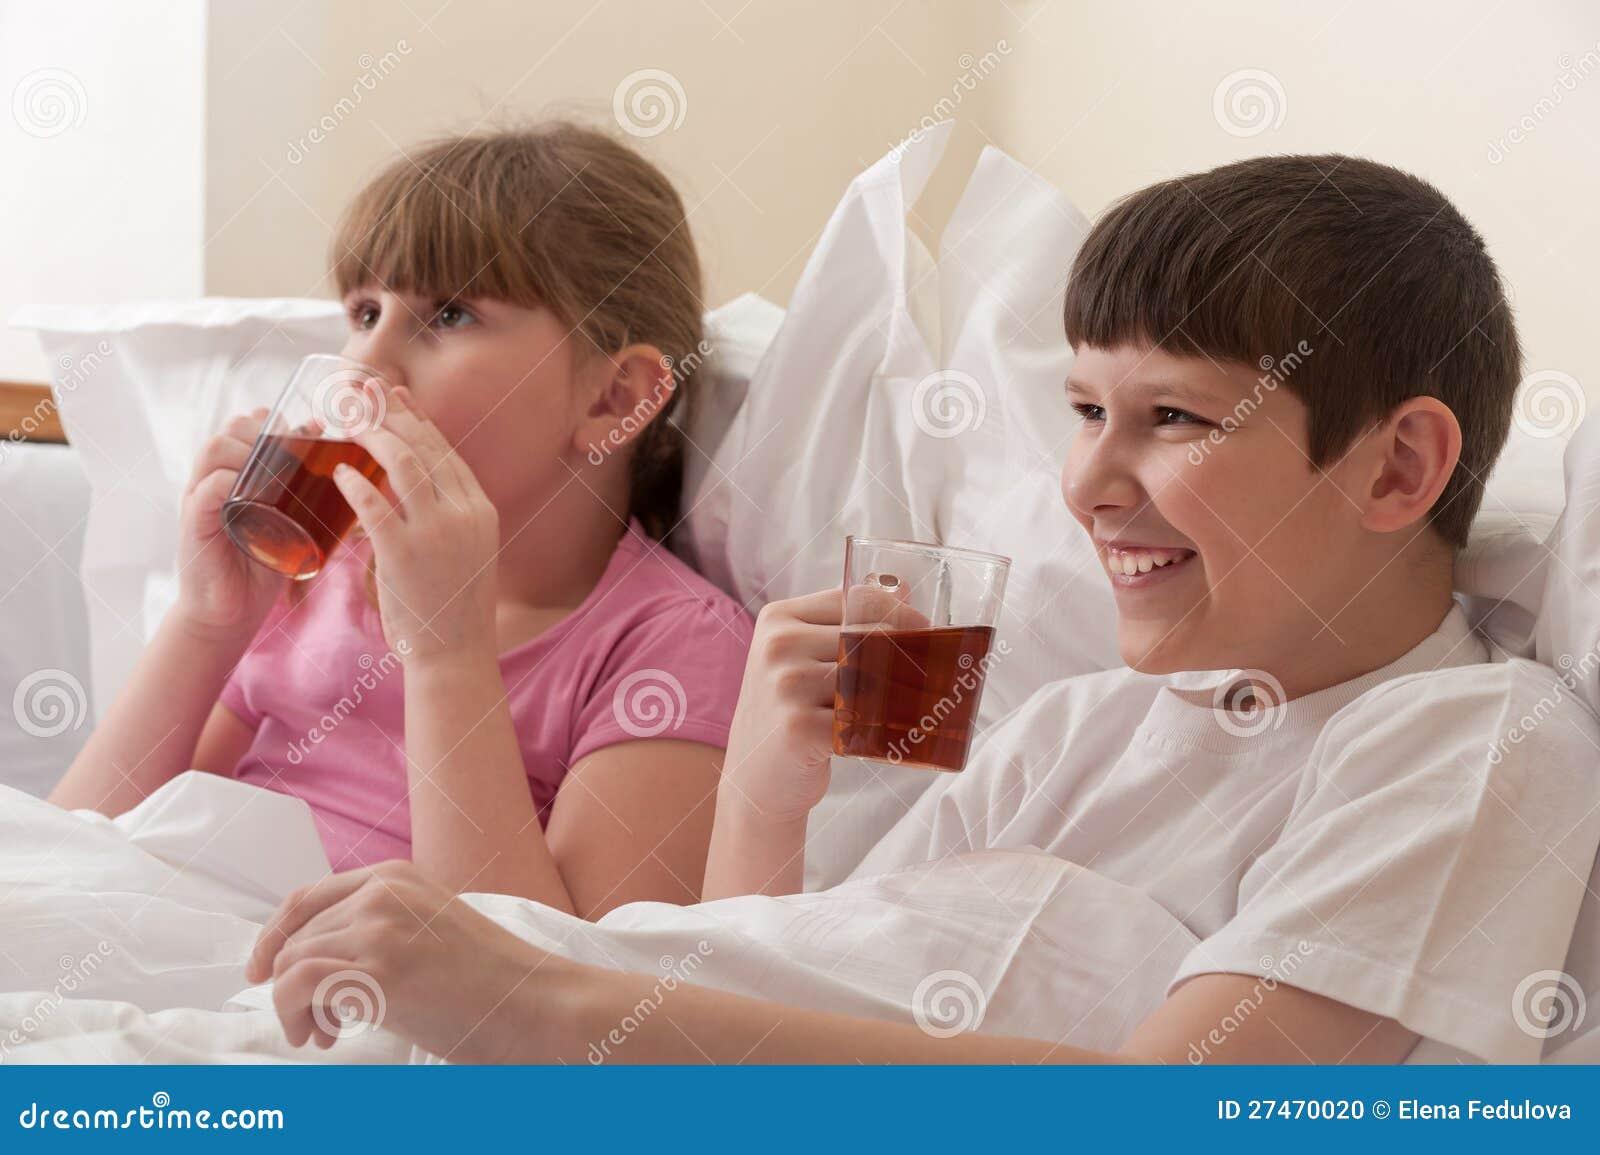 Пьяный брат трахнул пьяную сестру, Смотреть поимел спящую сестру дественицу онлайн 18 фотография